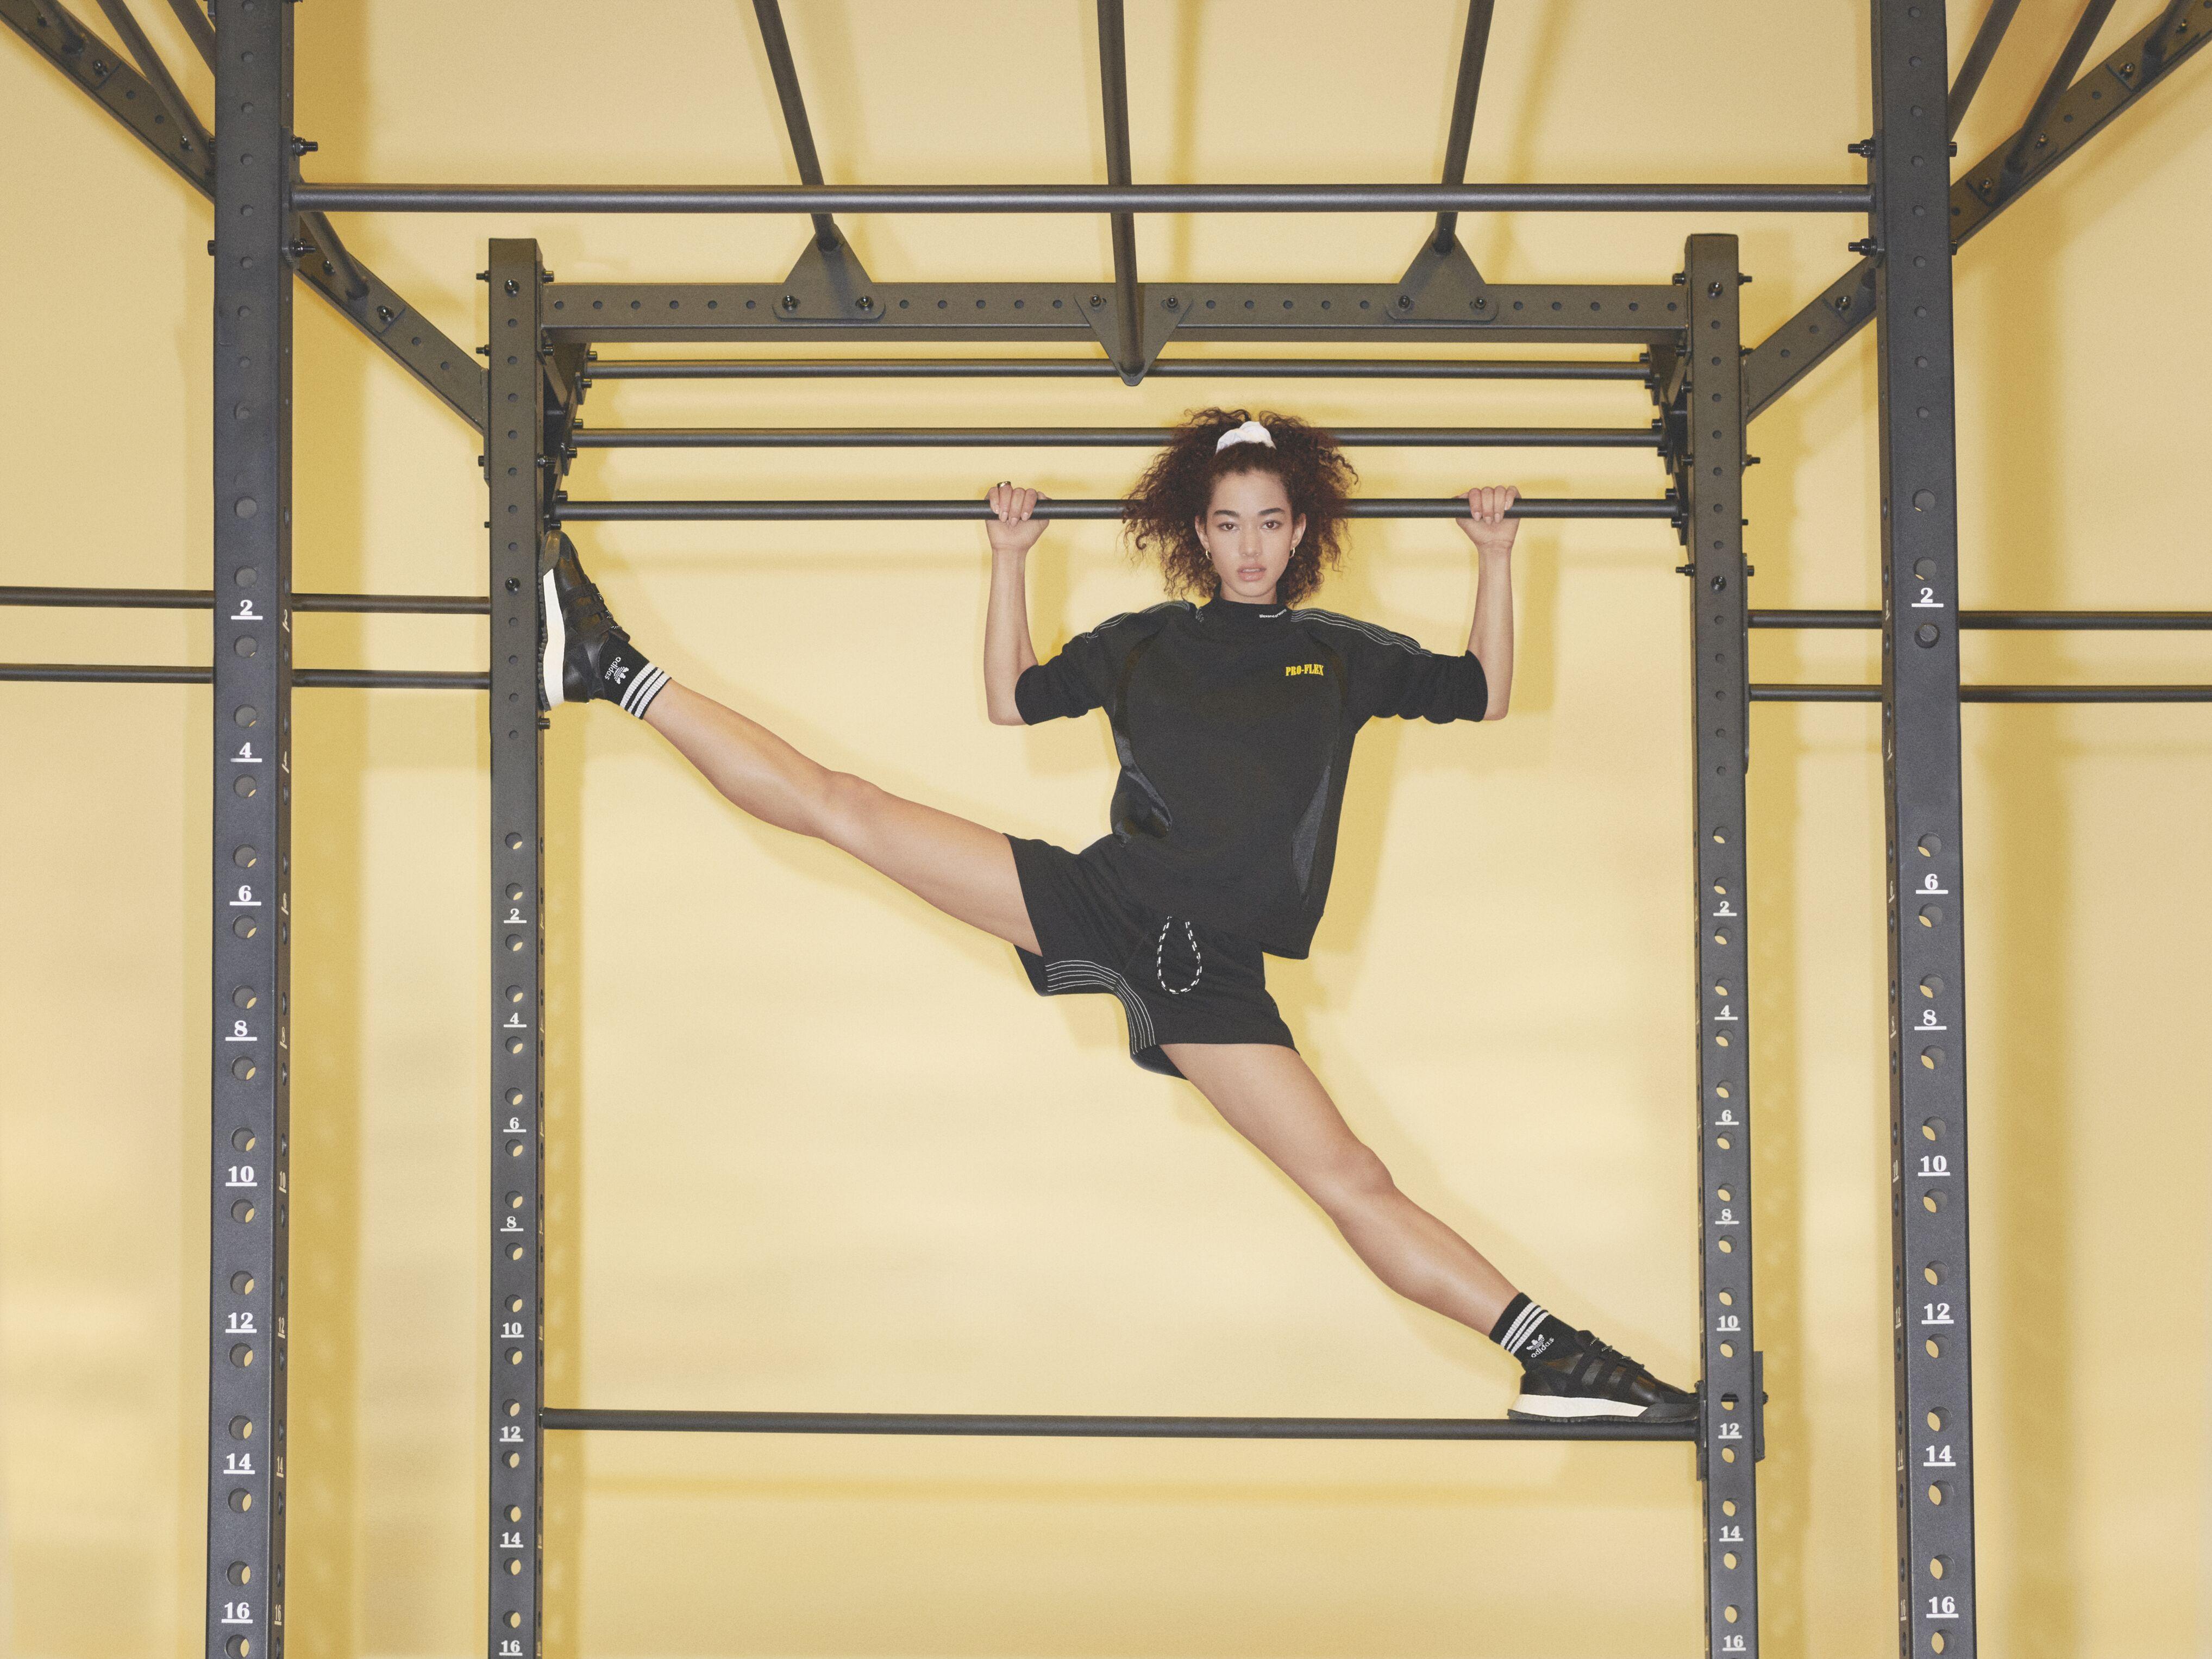 Fitness athleisure con estética retro en Adidas x Alexander Wang